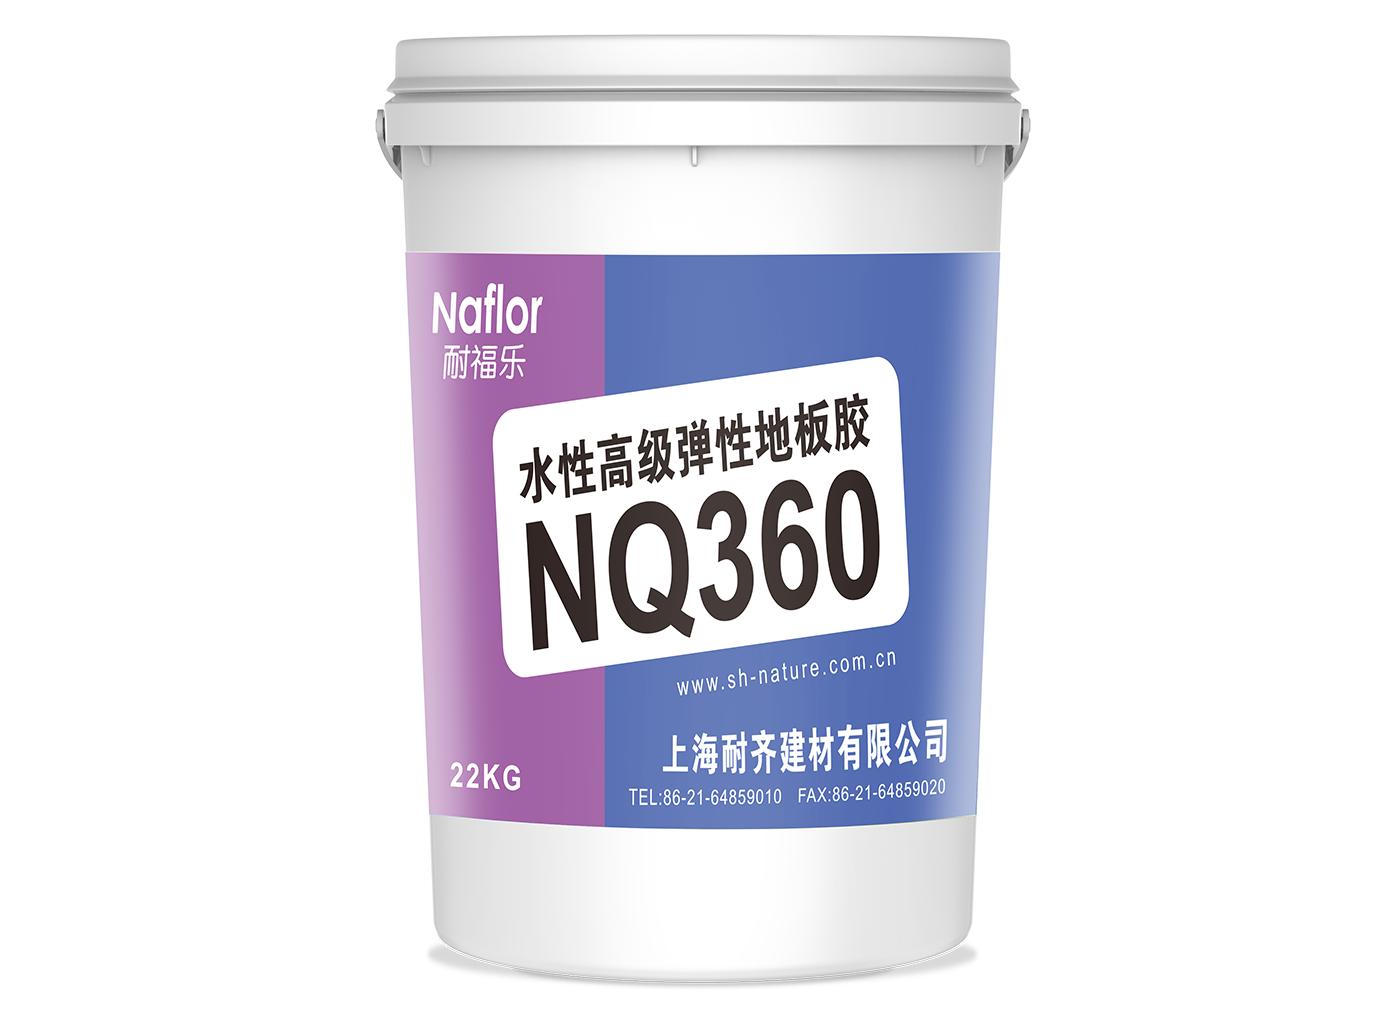 耐福乐®水性高级弹性地板胶 NQ360